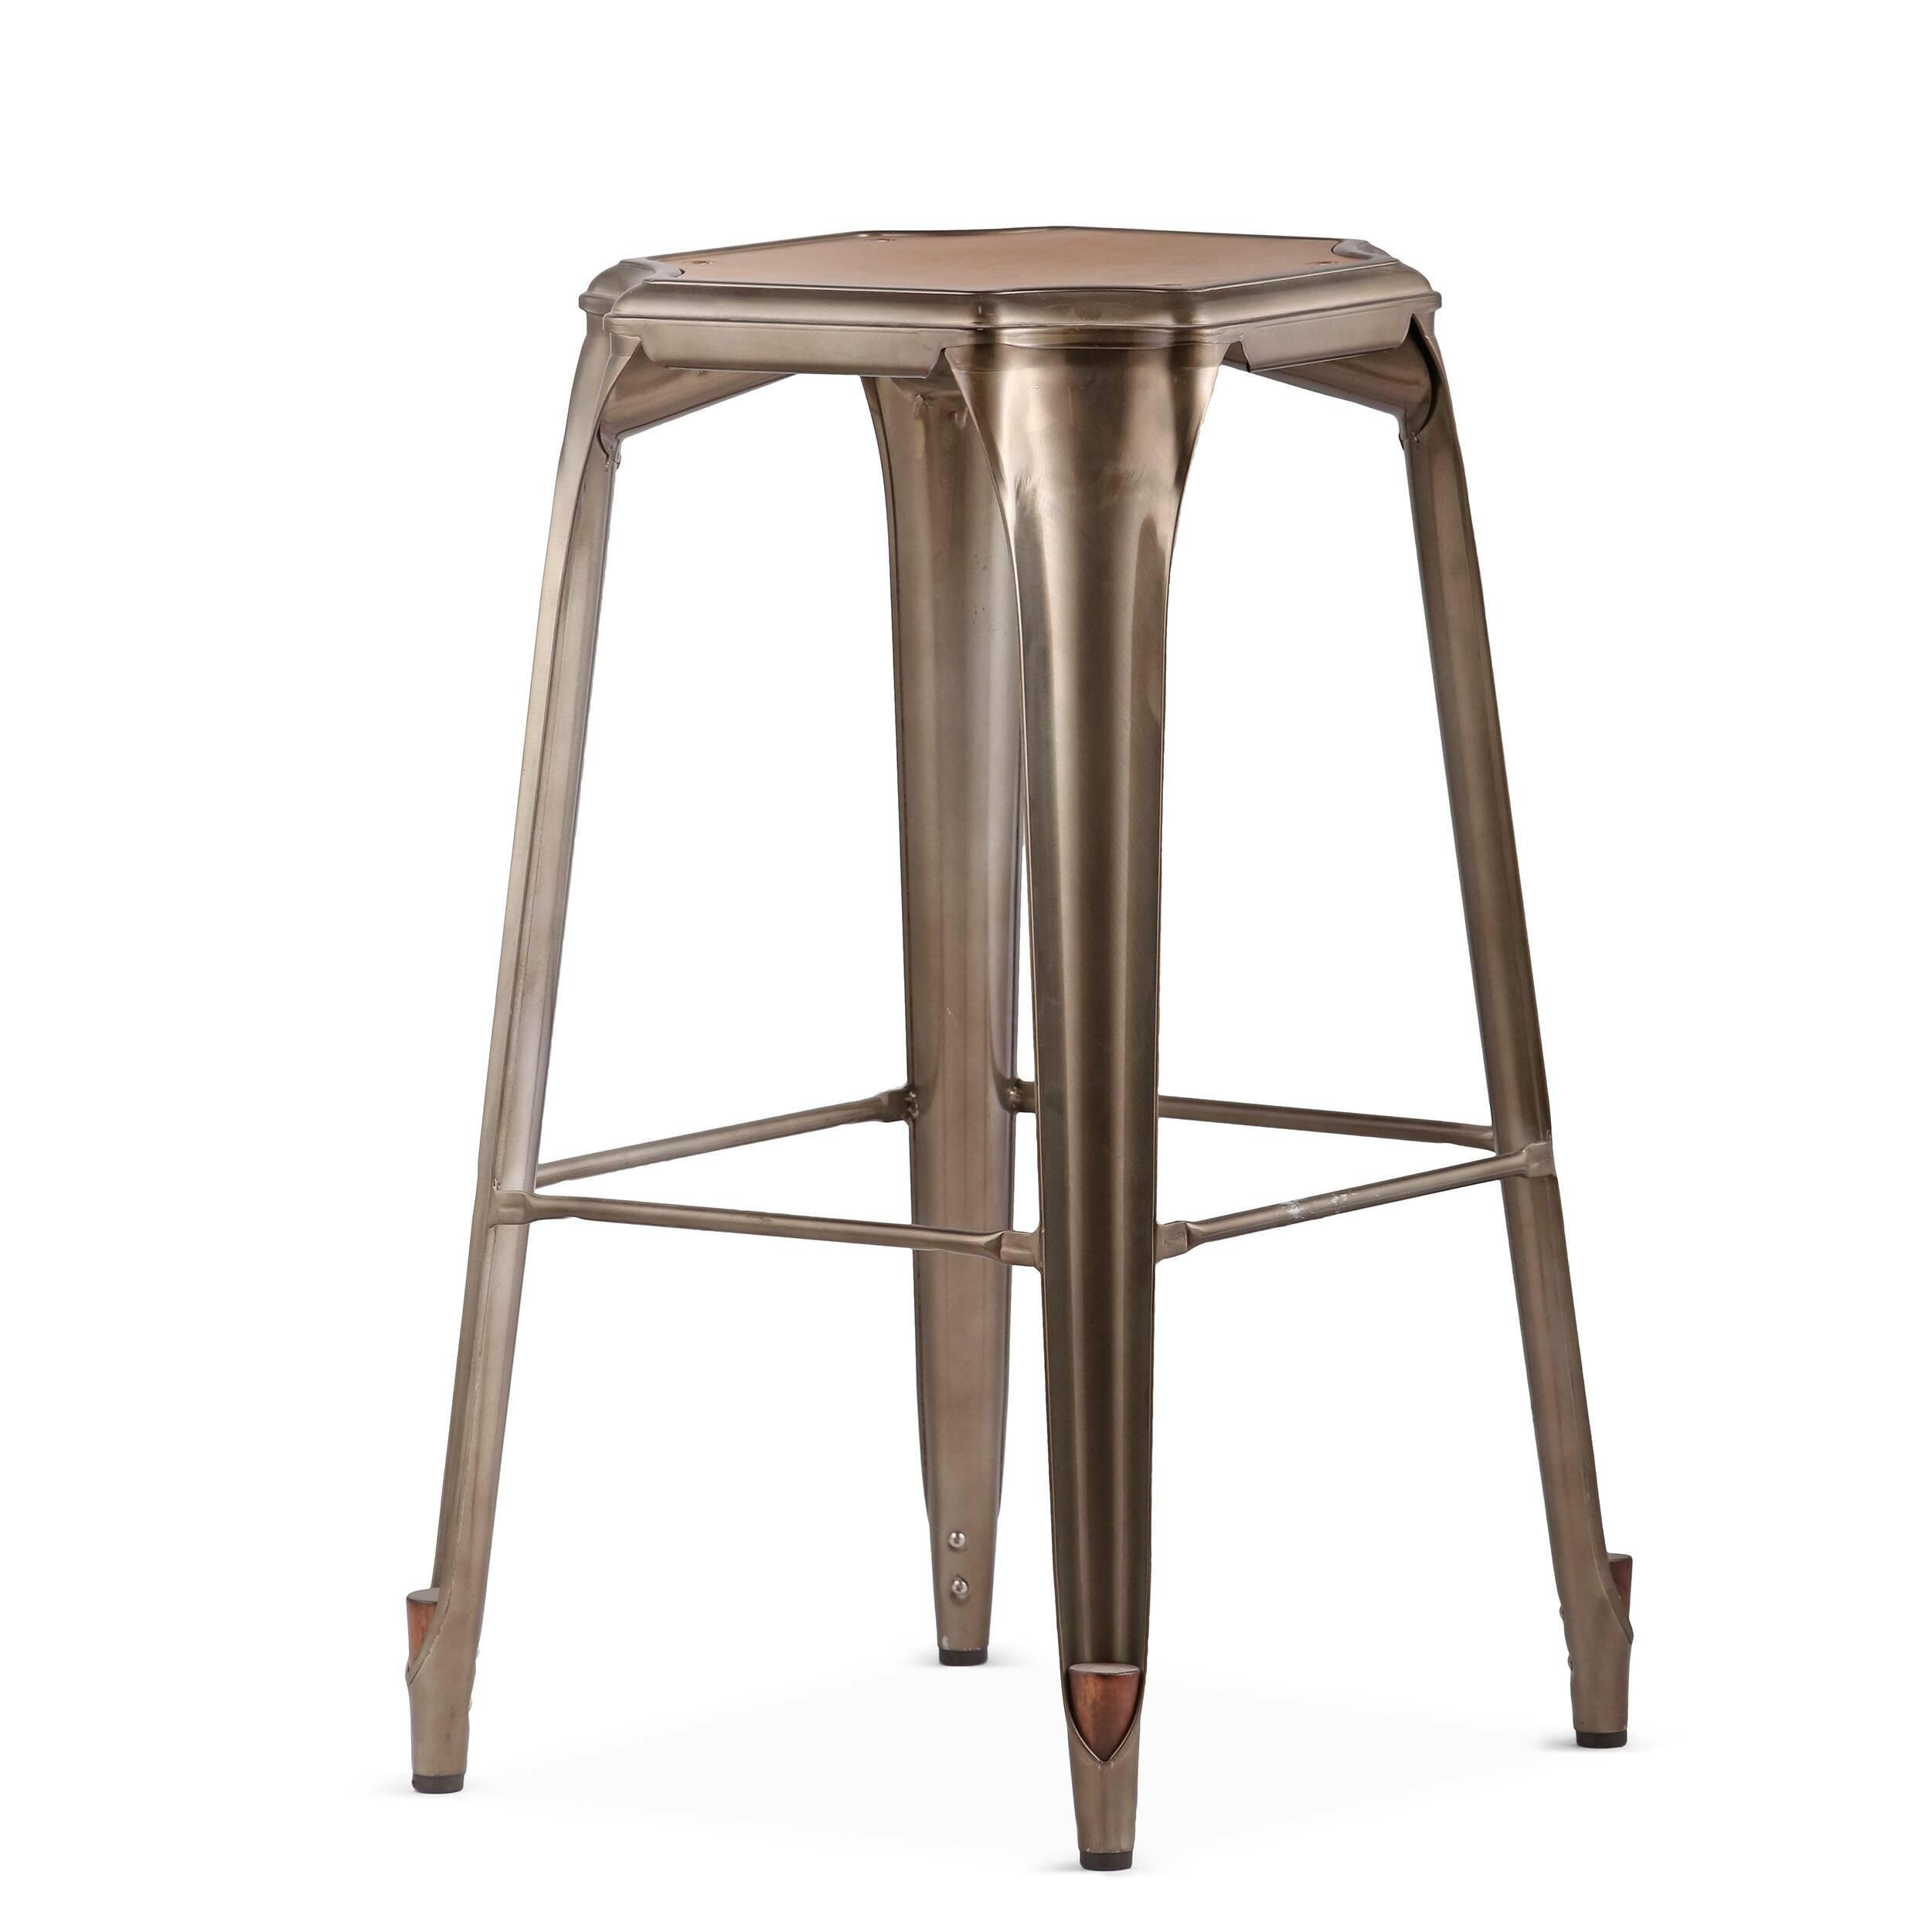 Барный стул Marais без спинкиБарные<br>Дизайнерский барный стул Marais (Марэй) из массива ореха без спинки от Cosmo (Космо). <br><br> Коллекция мебели Tolix французского дизайнера Ксавье Пошара — особая любимица современных европейцев. Она выдержана в актуальном на сегодняшний день индустриальном стиле, основная особенность которого — «обнаженный интерьер». Оставленные на виду провода, трубы, крепежи — это яркое отличие стиля от других. Сталь — самый популярный материал в изготовлении мебели в индустриальном стиле. Очень популярна ме...<br><br>stock: 14<br>Высота: 75<br>Ширина: 46<br>Глубина: 46<br>Тип материала каркаса: Сталь<br>Материал сидения: Массив ореха<br>Цвет сидения: Орех<br>Тип материала сидения: Дерево<br>Цвет каркаса: Бронза пушечная